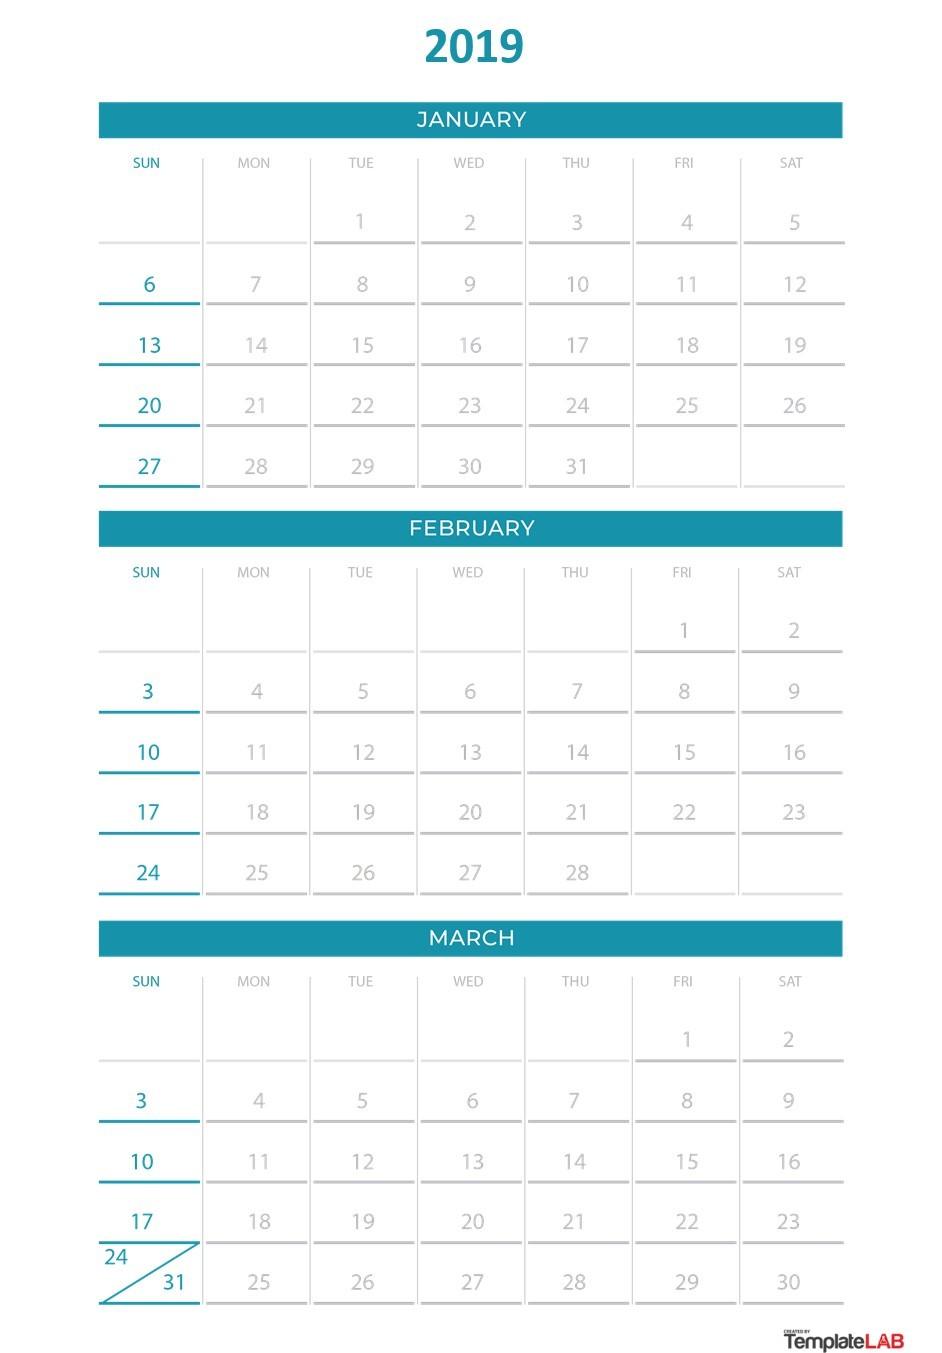 Free 2019 Quarterly Calendar